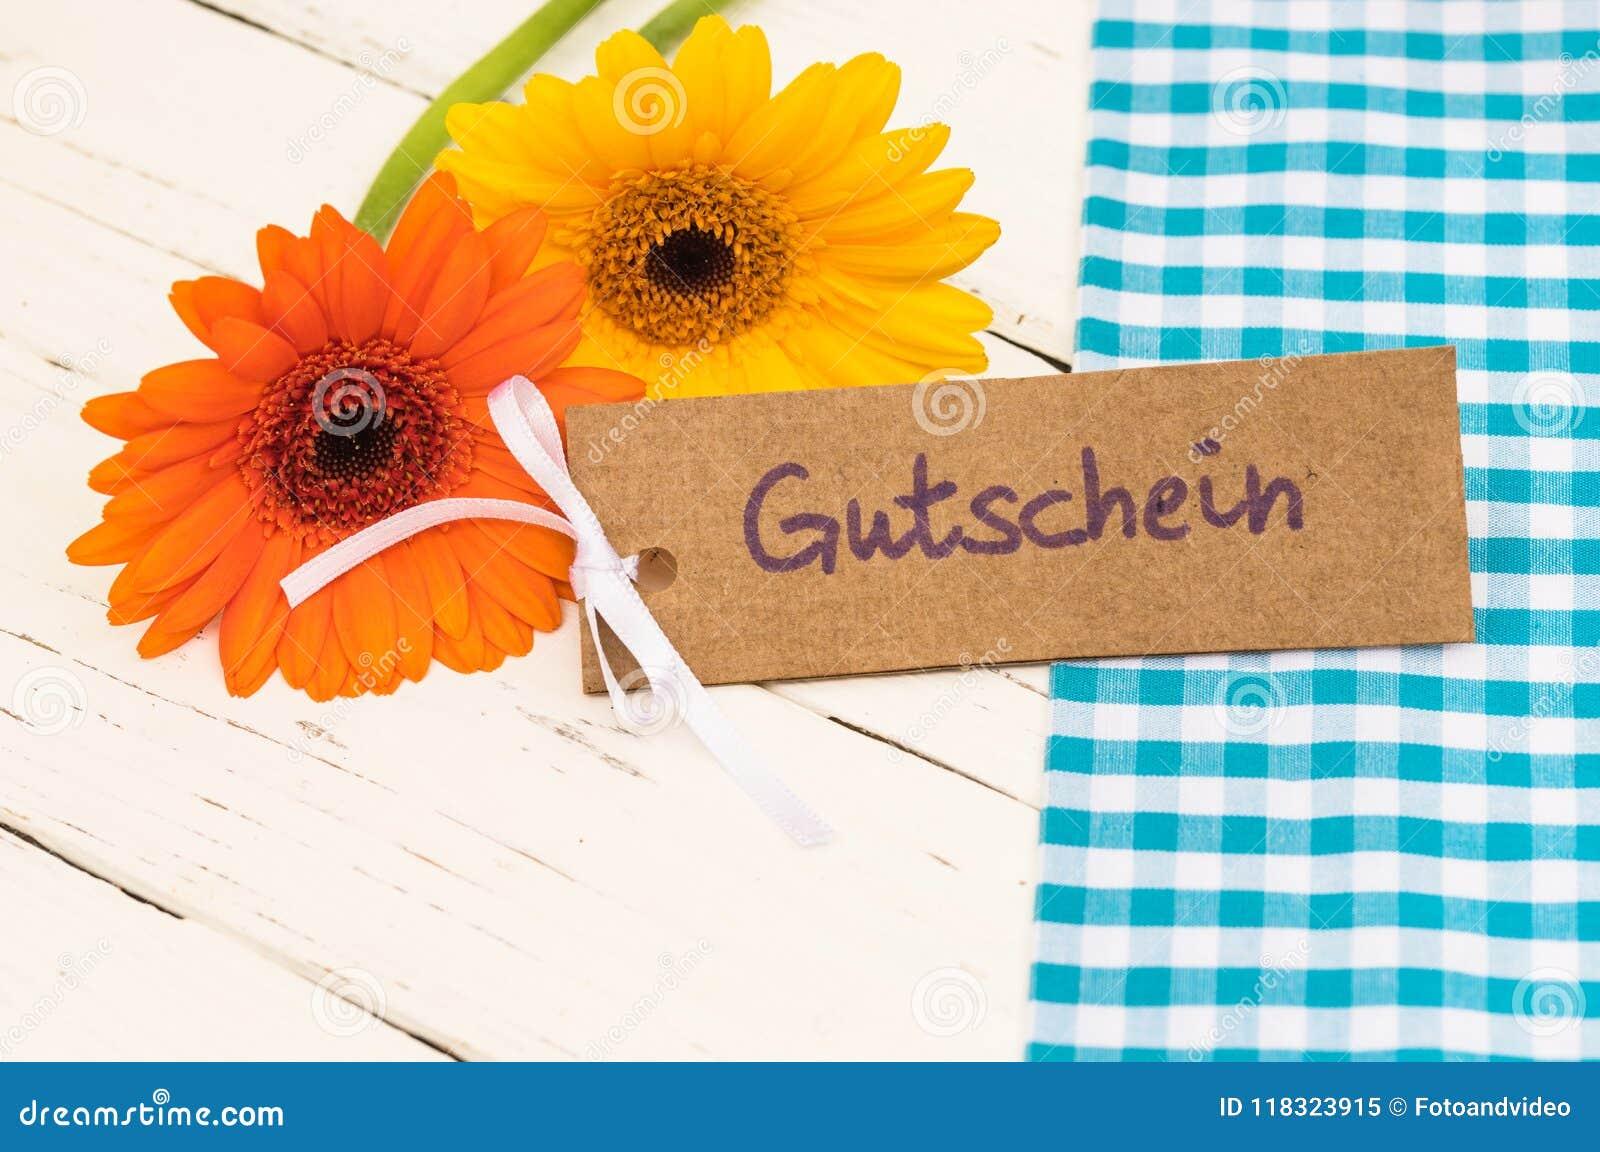 Bloemen en giftkaart met Duitse woord, Gutschein, middelenbon of coupon voor Vader` s dag of Verjaardag